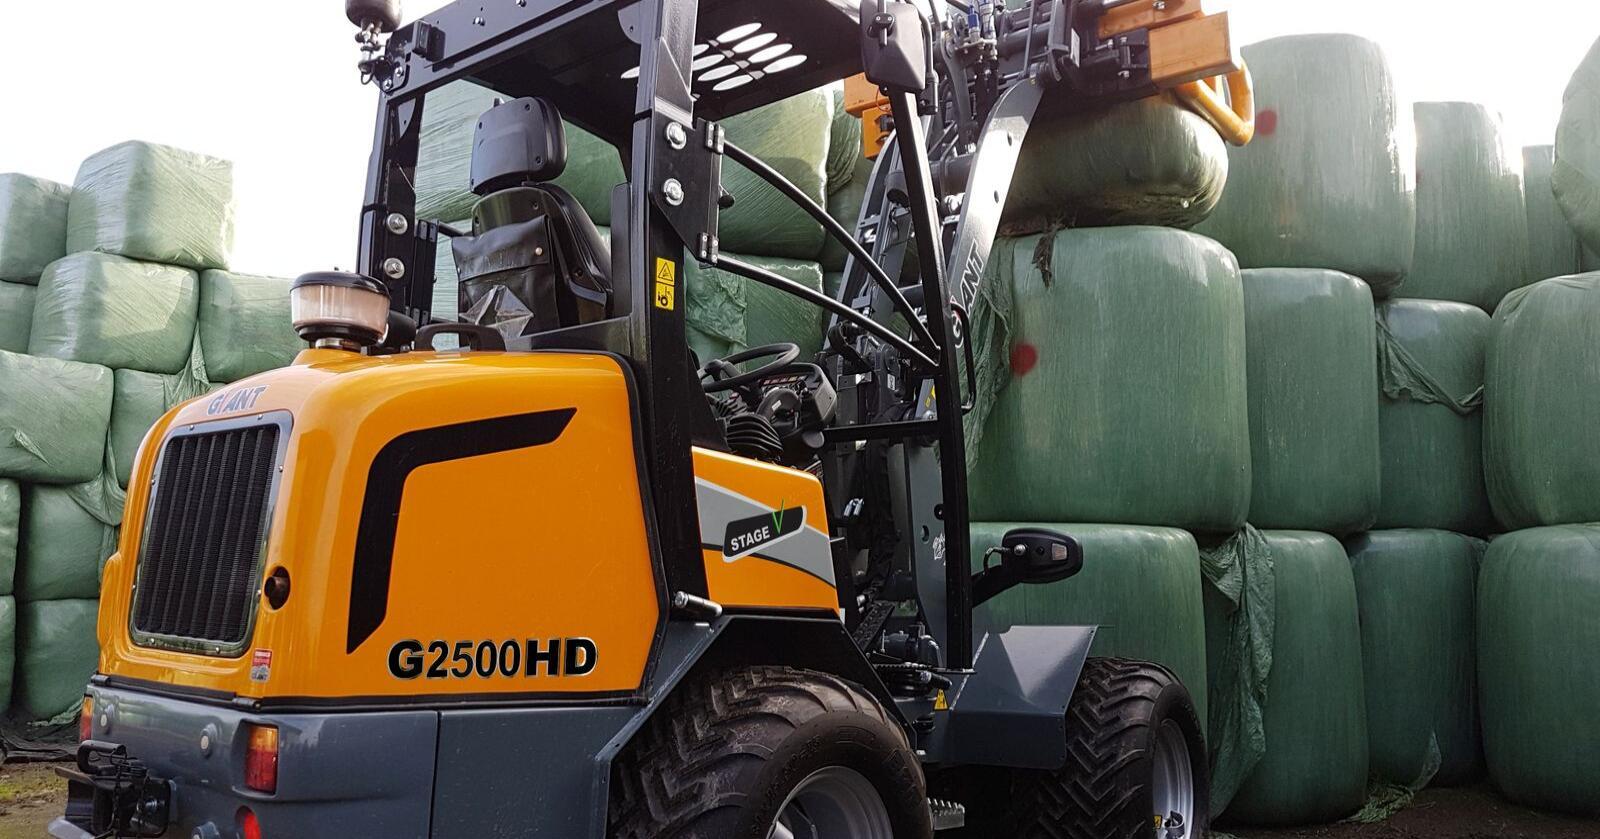 Giant produseres i Nederland av selskapet Tobroco. Minilasterne leveres i størrelse fra 1 til 6 tonn. Foto Produsenten